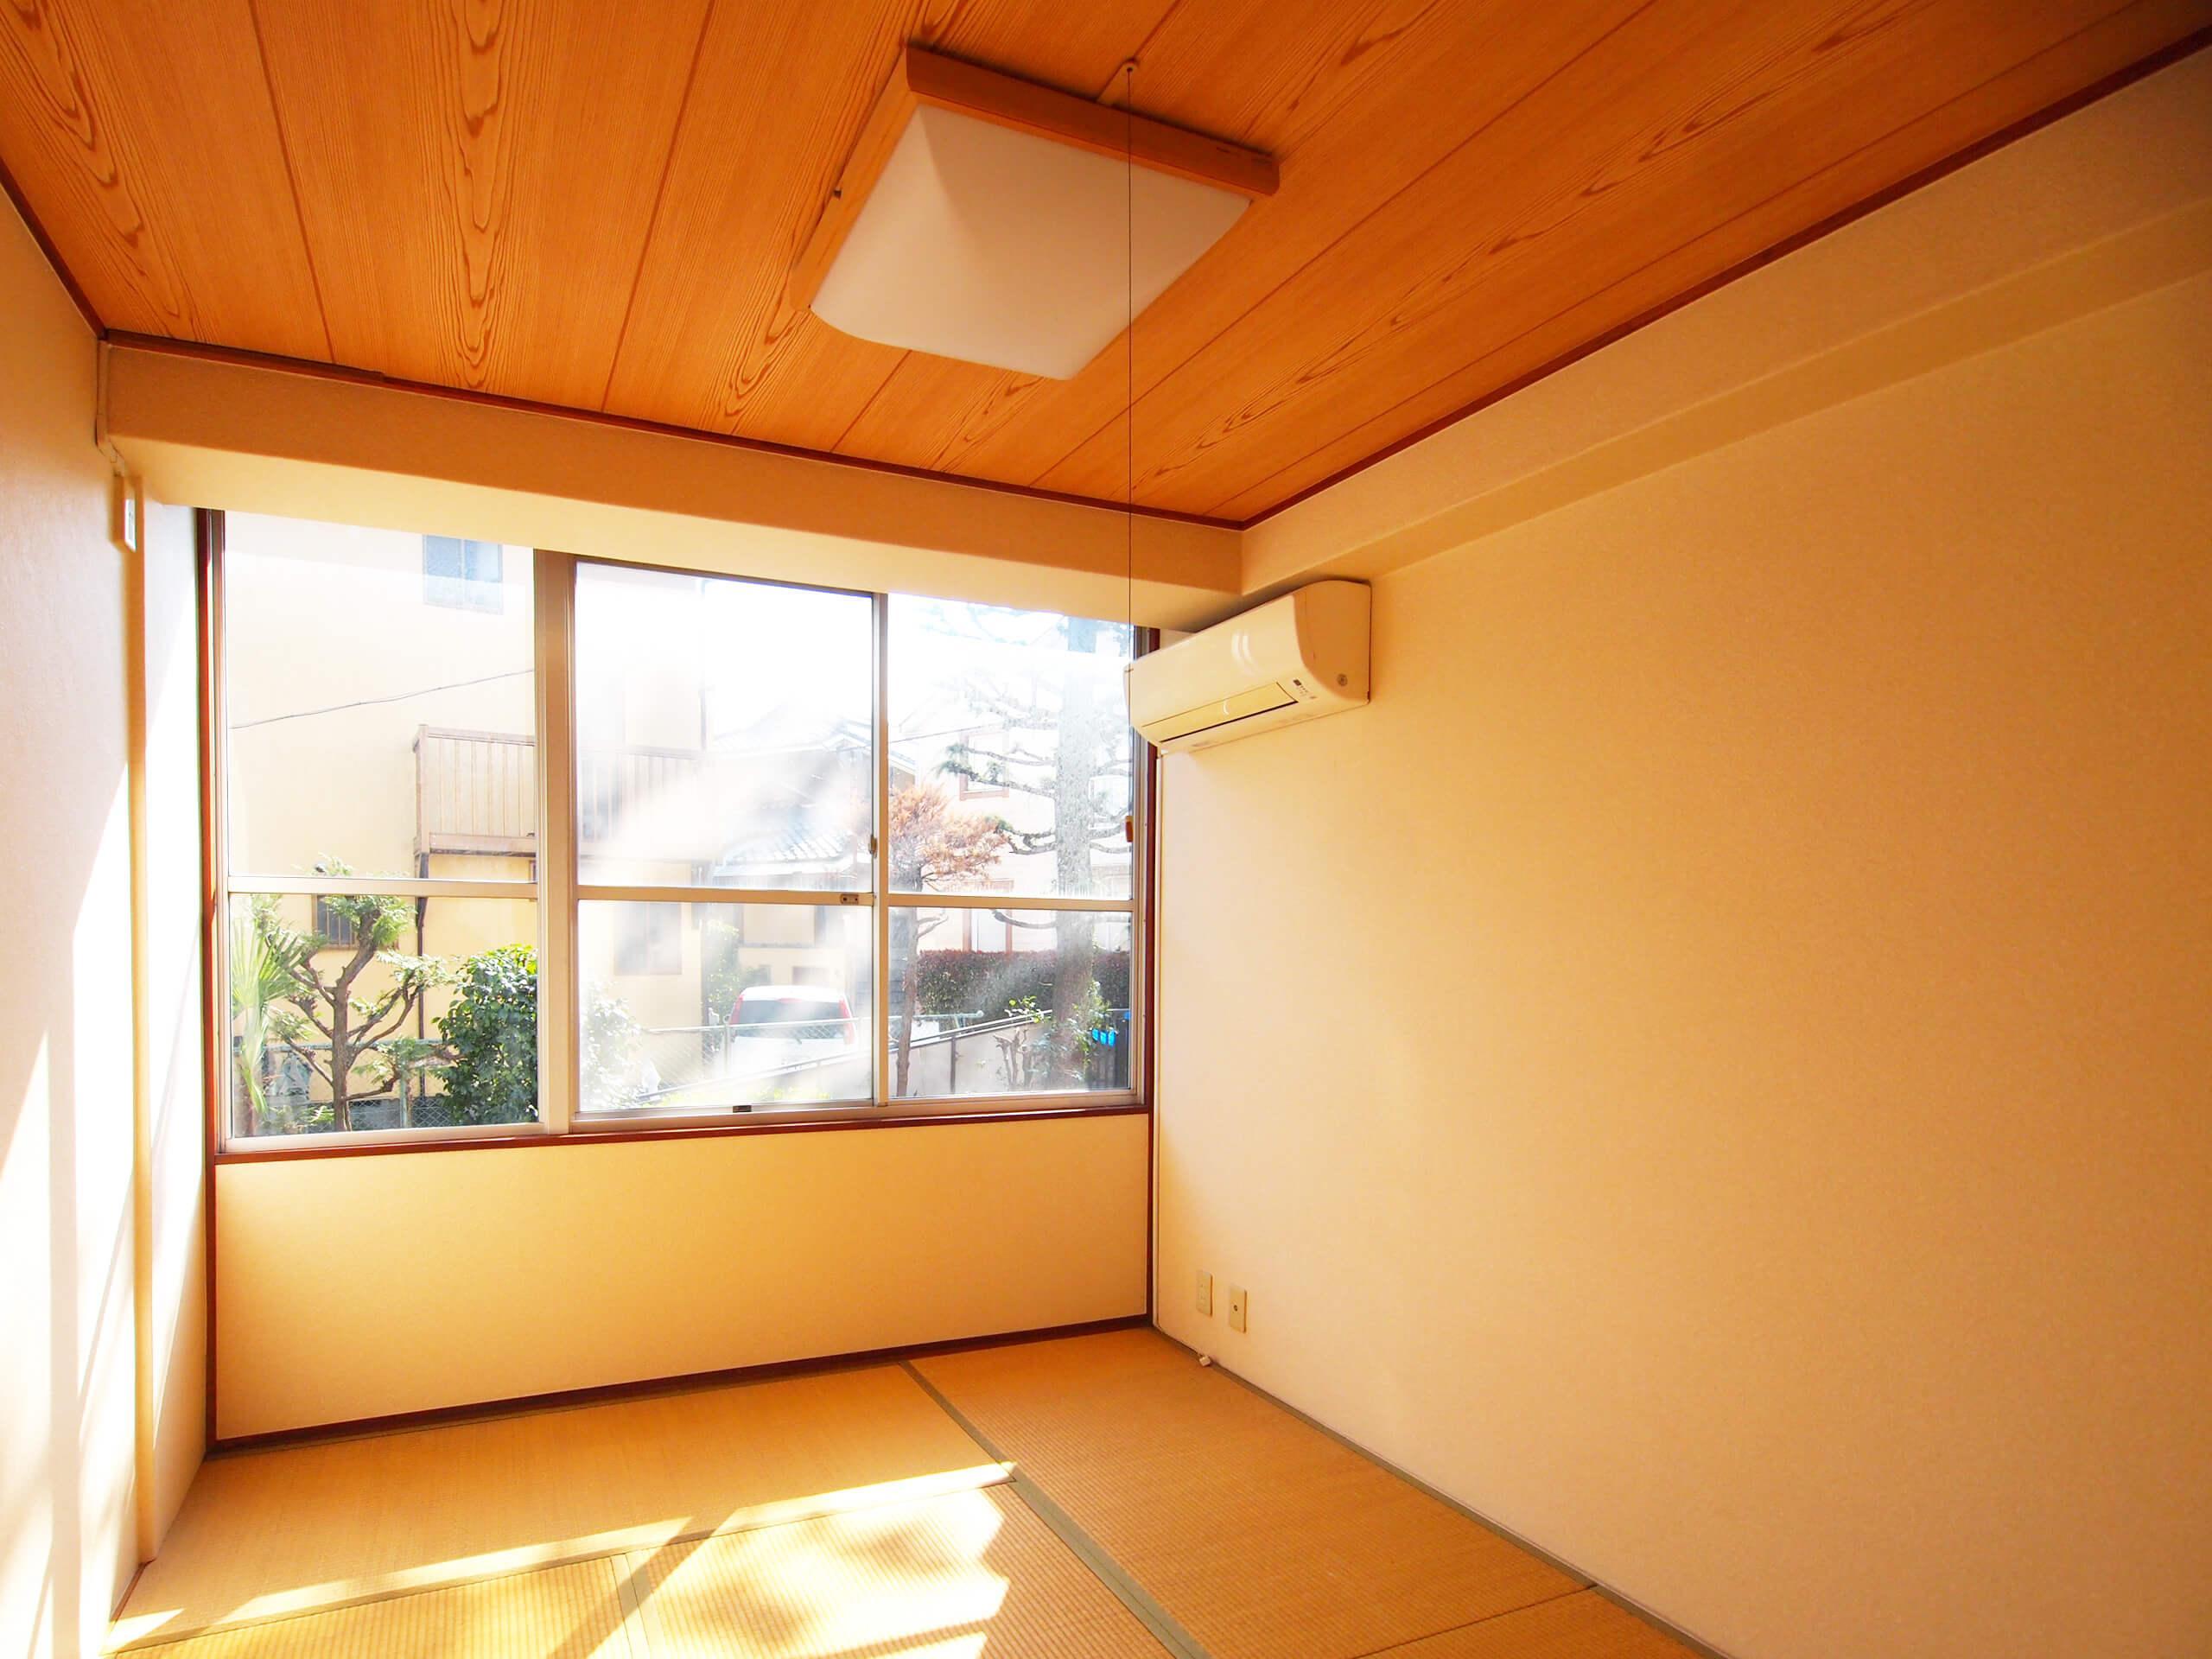 森に隠れる高台の住み家 (大田区山王の物件) - 東京R不動産